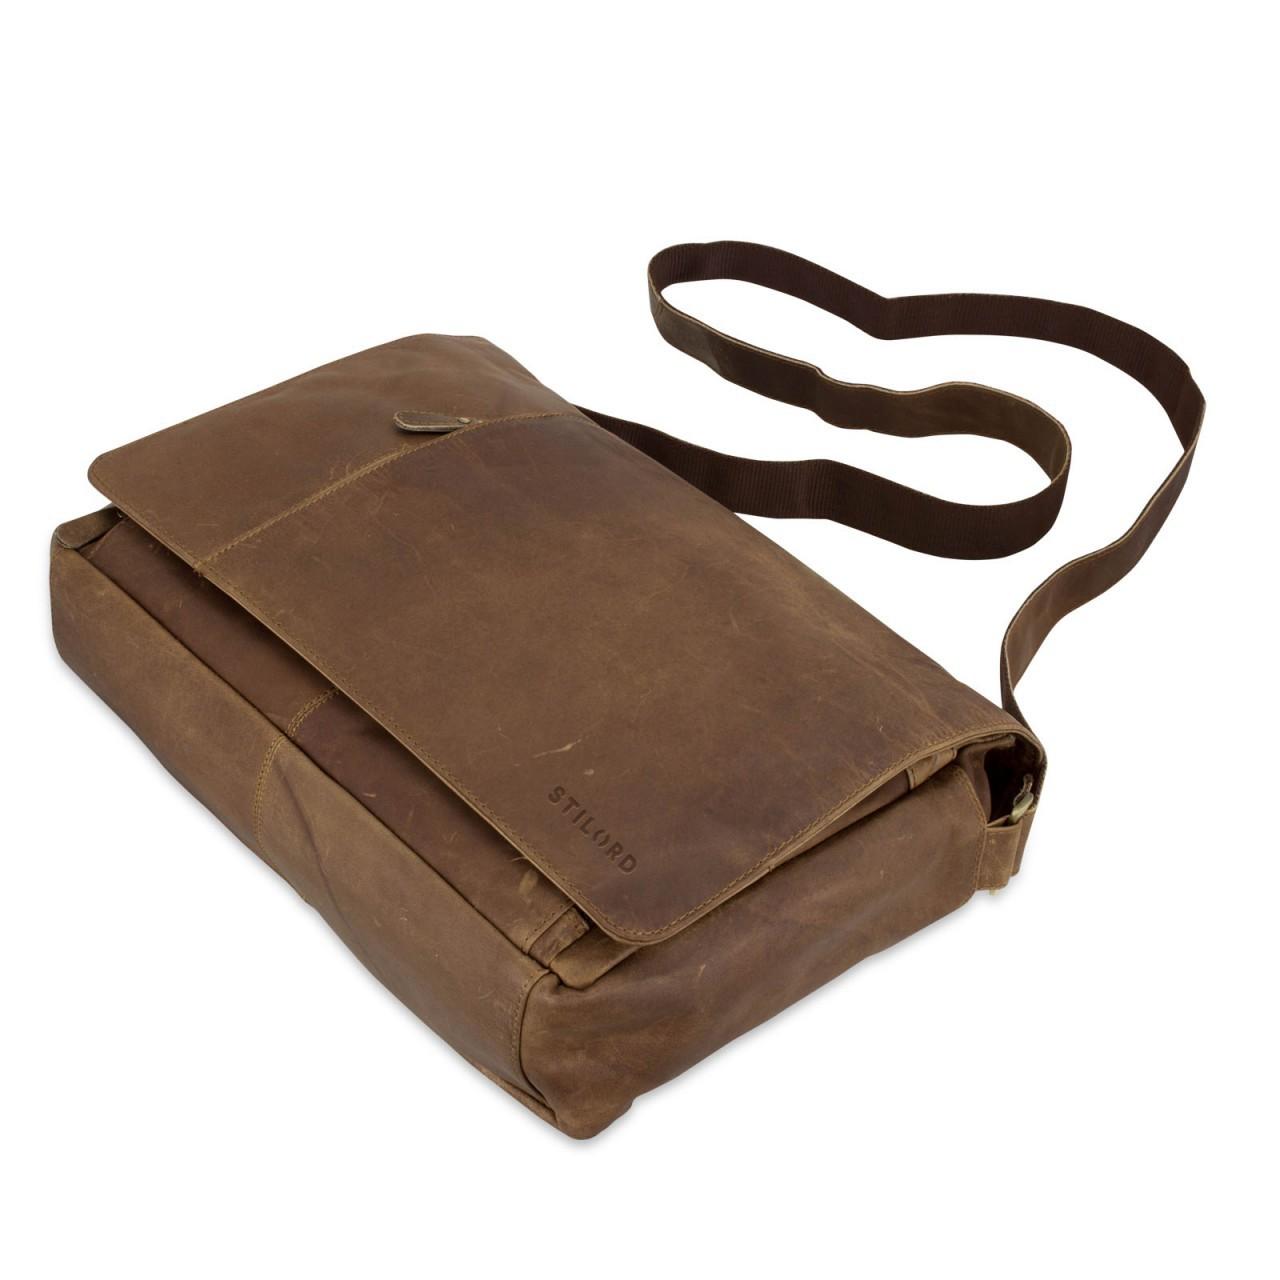 B-WARE STILORD Ledertasche Herren Umhängetasche Unitasche Laptoptasche 15.6 Zoll Aktentasche Bürotasche Büffel Leder braun - Bild 3